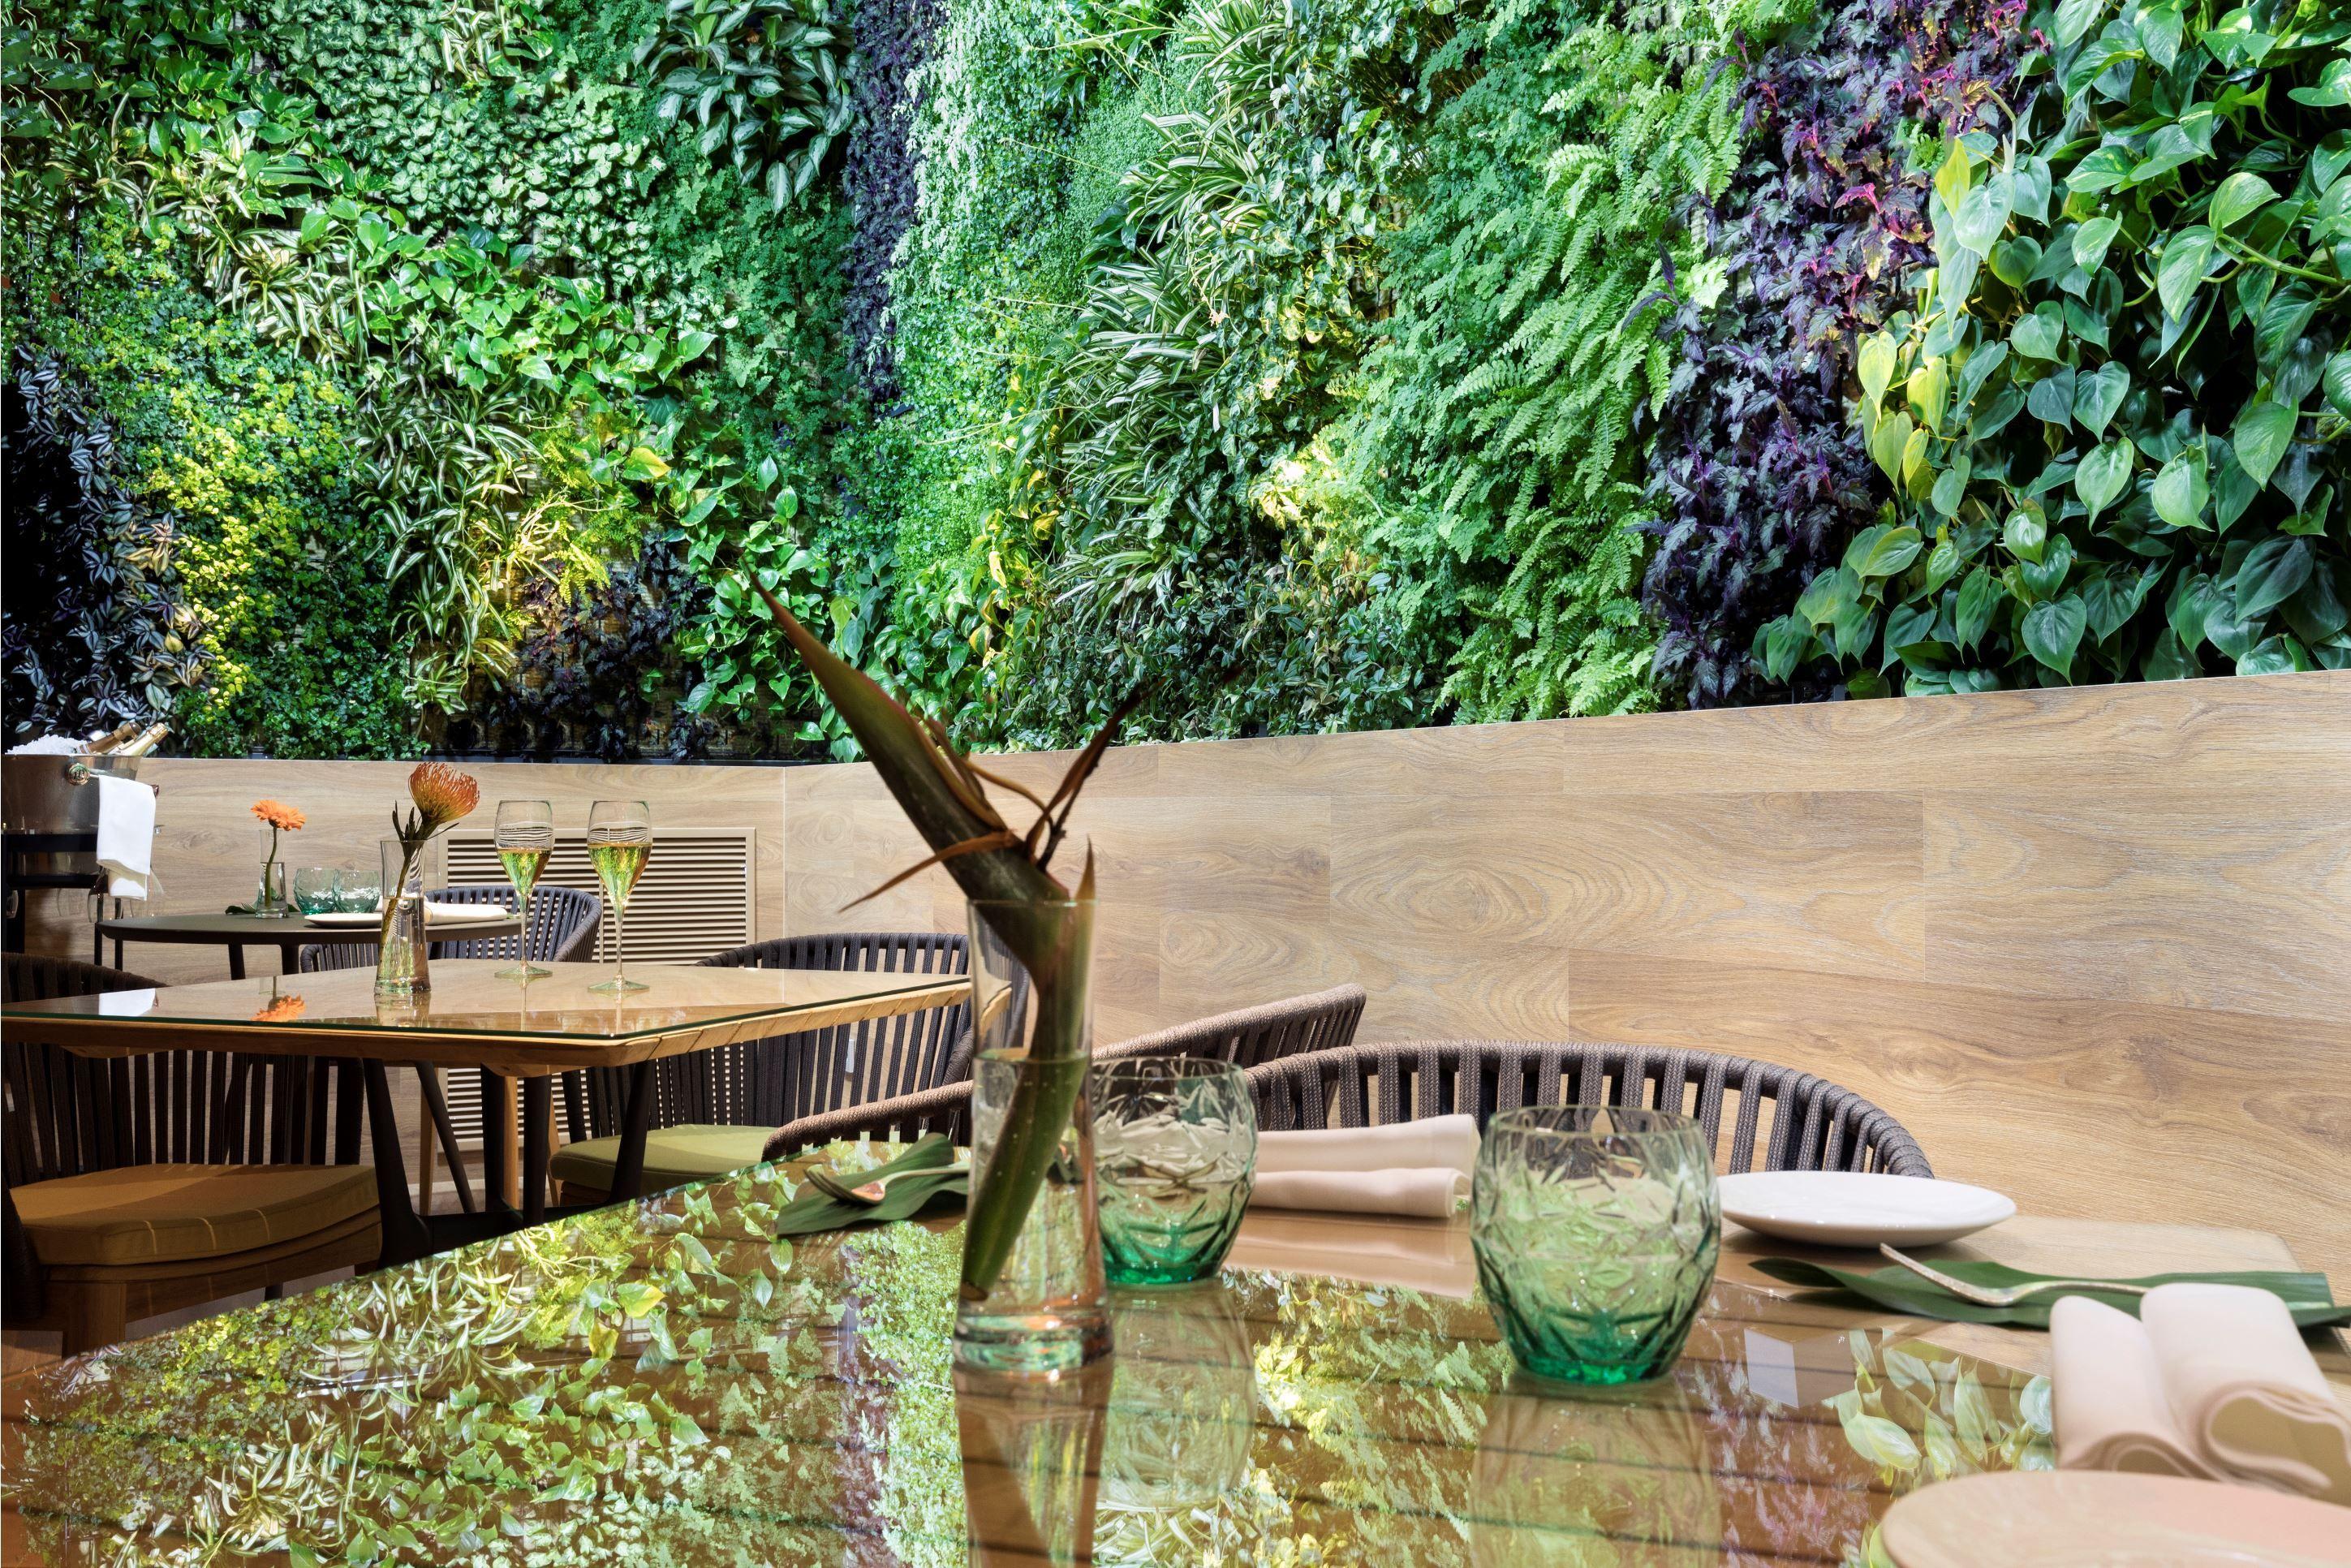 Galow_interior restaurante atico Hotel Puerta America Teletrabajo